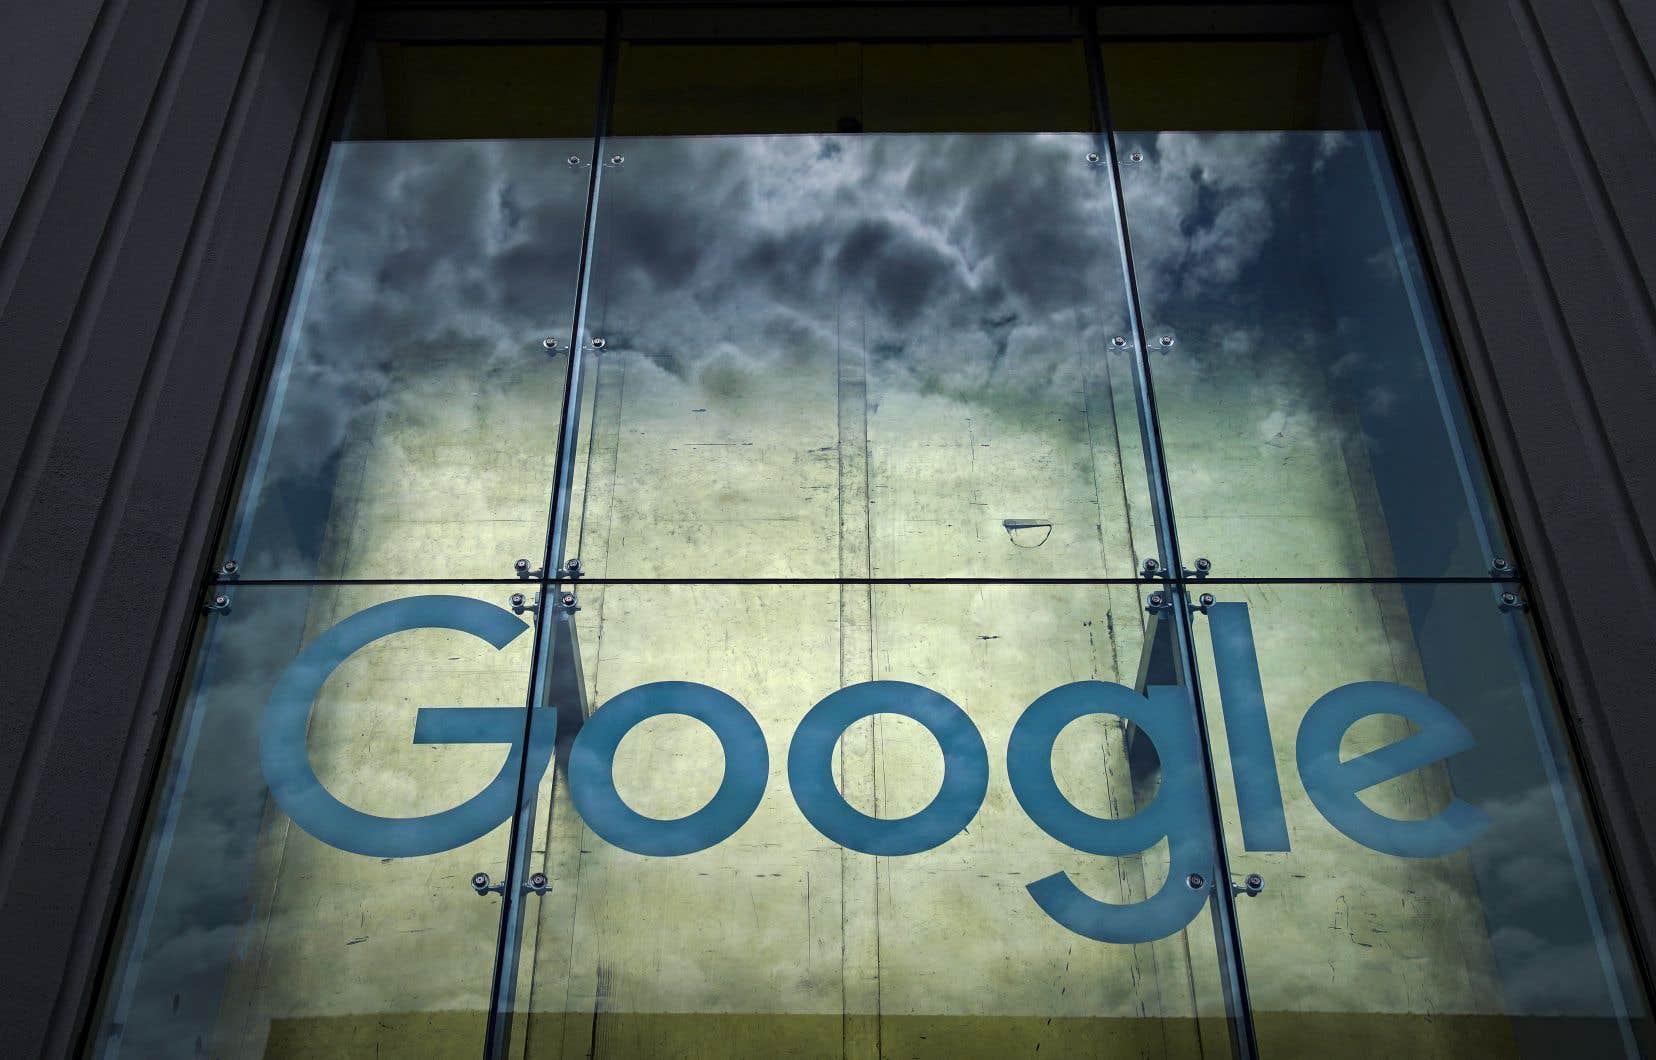 Il «est pertinent de rappeler [que Google et les GAFA] sont responsables d'une bonne partie de la crise des médias et que là on ne peut pas participer à un de leurs programmes»,souligne le vice-président de la FPJQ, Jean-Thomas Léveillé.